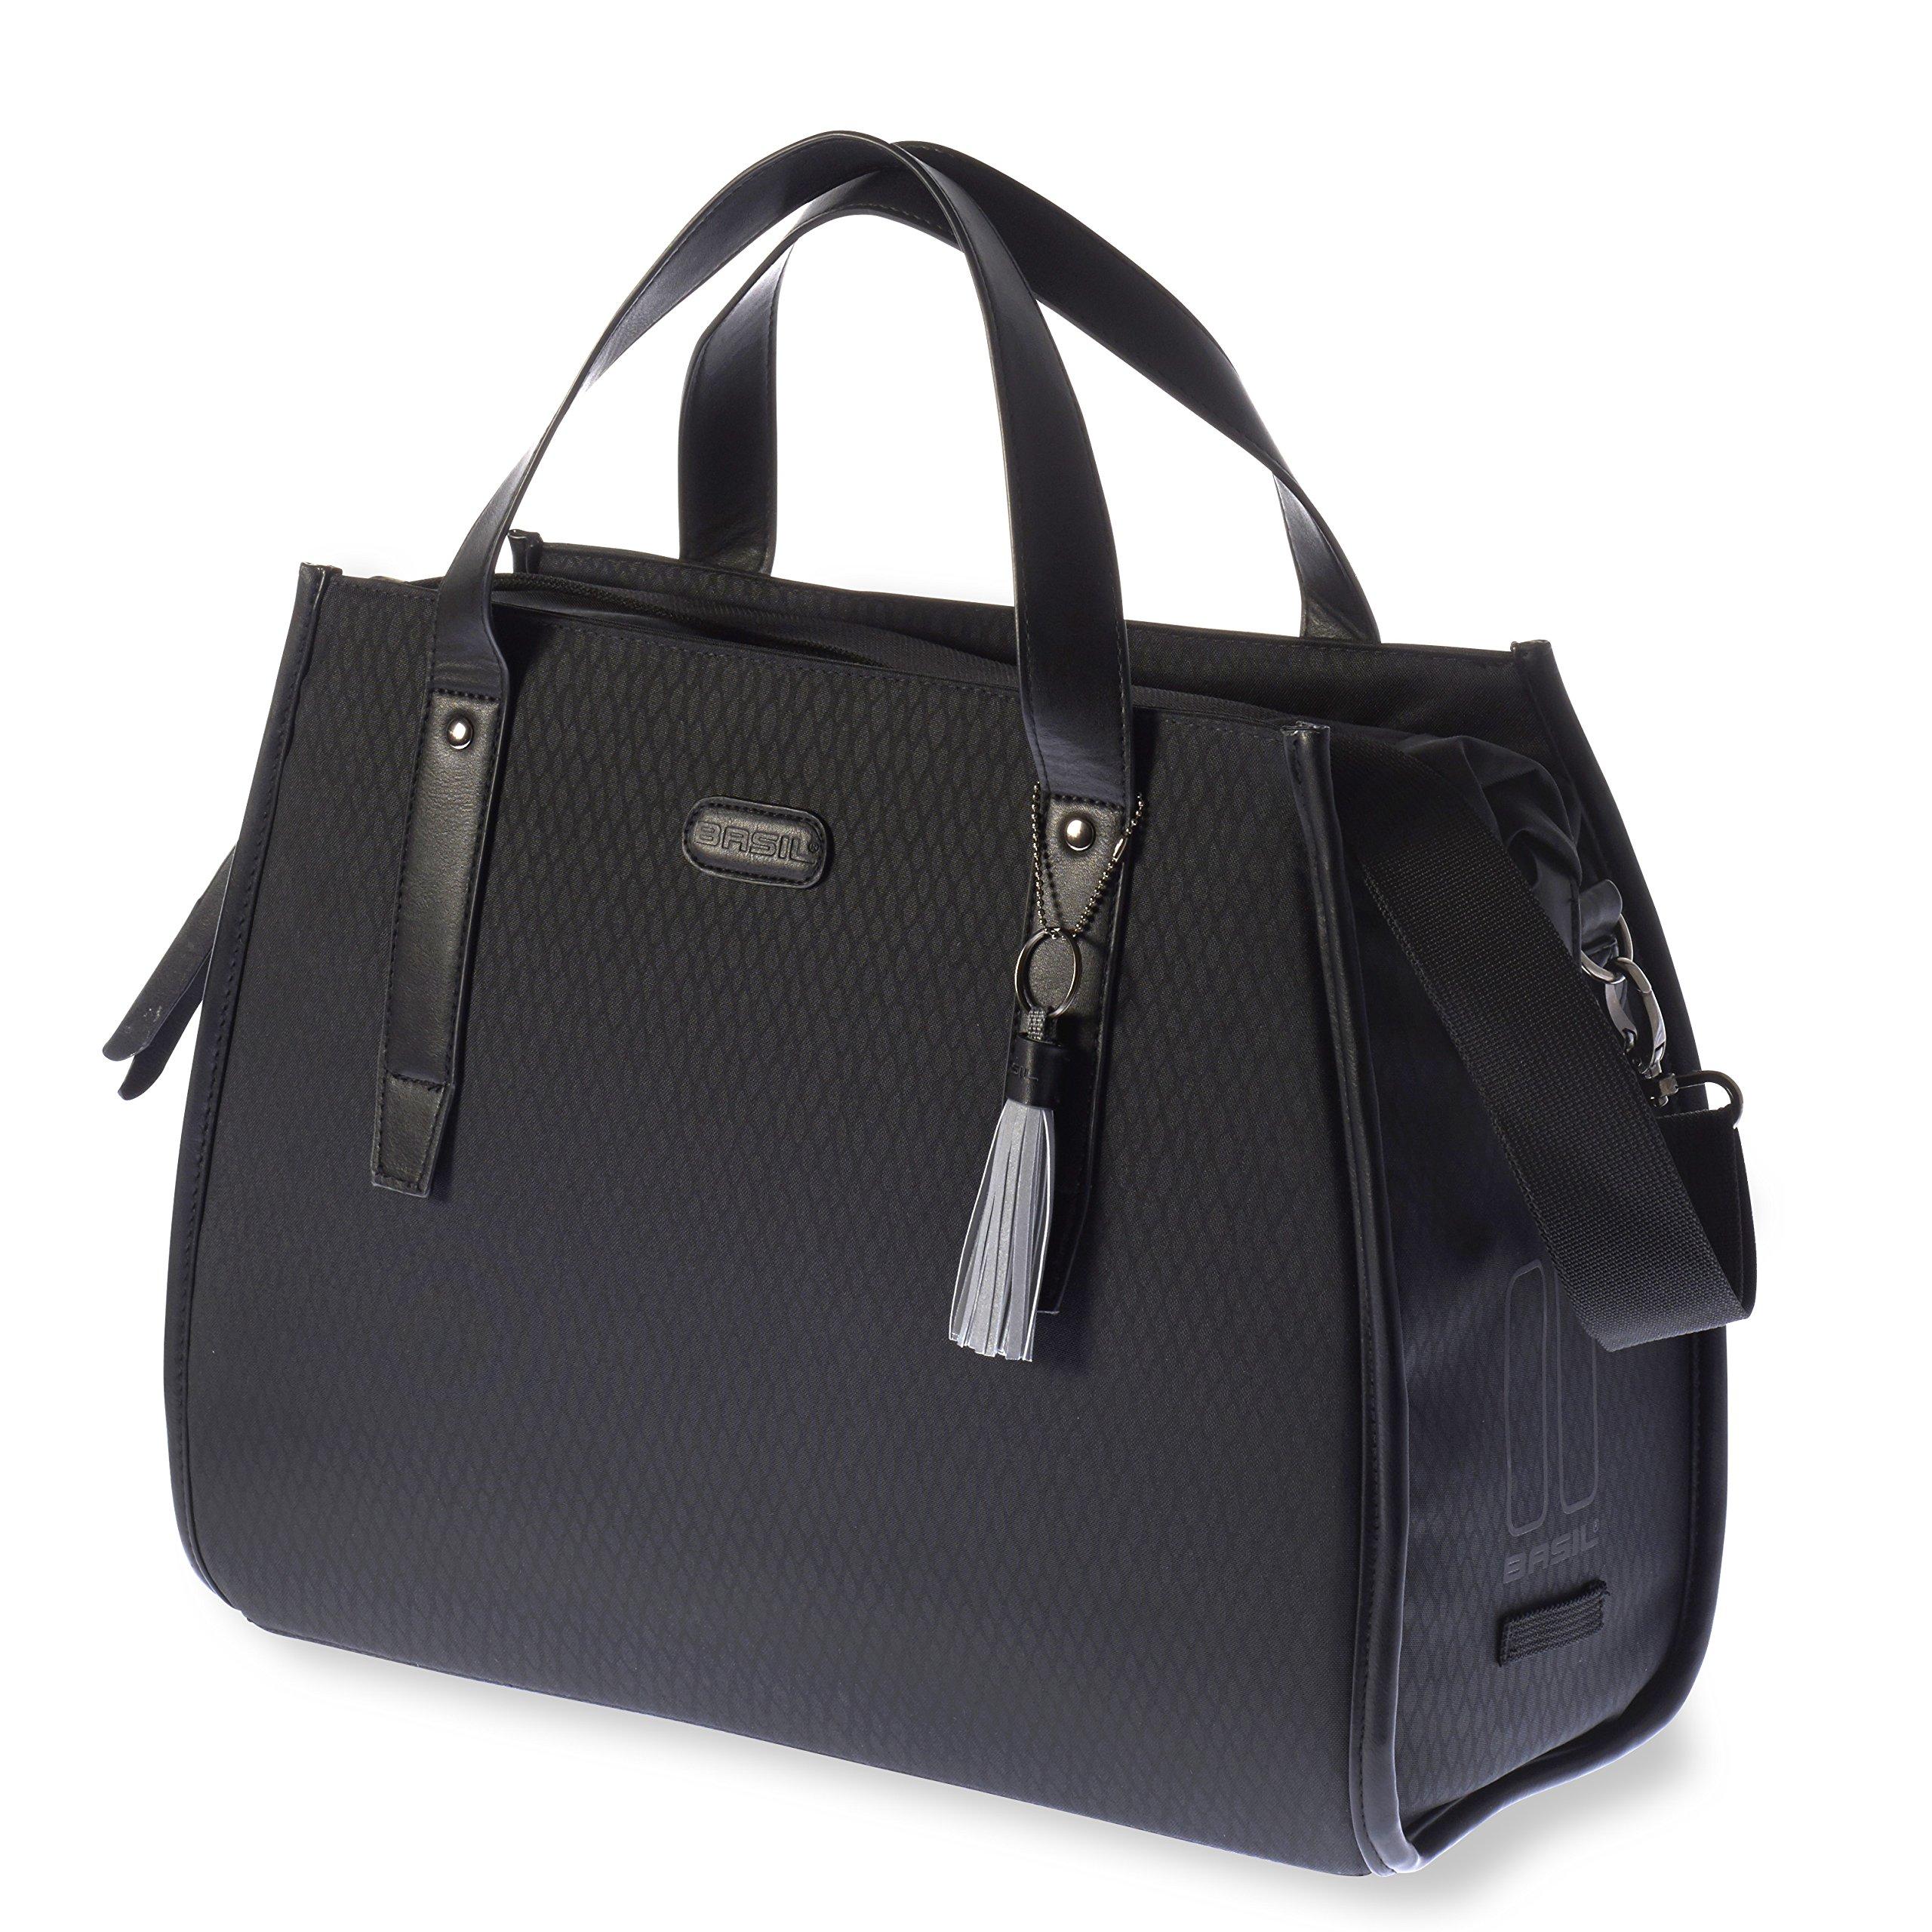 Basil Noir Business Bicycle Pannier Bag - Midnight Black - 17 Litre